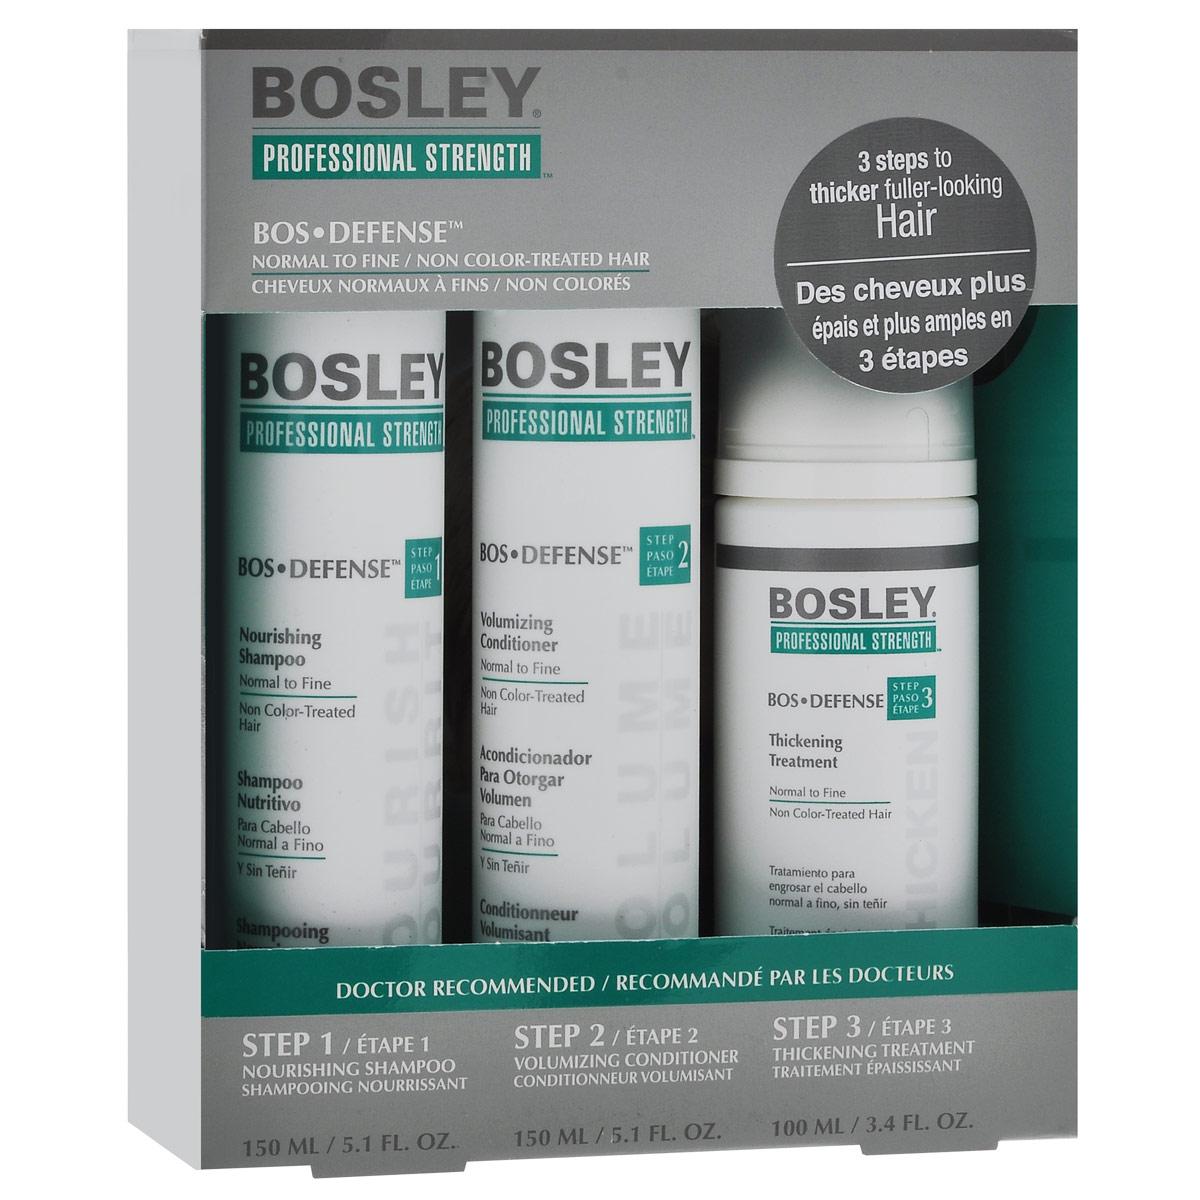 Bosley Набор для нормальных, тонких и неокрашенных волос: шампунь, кондиционер, несмываемый уход